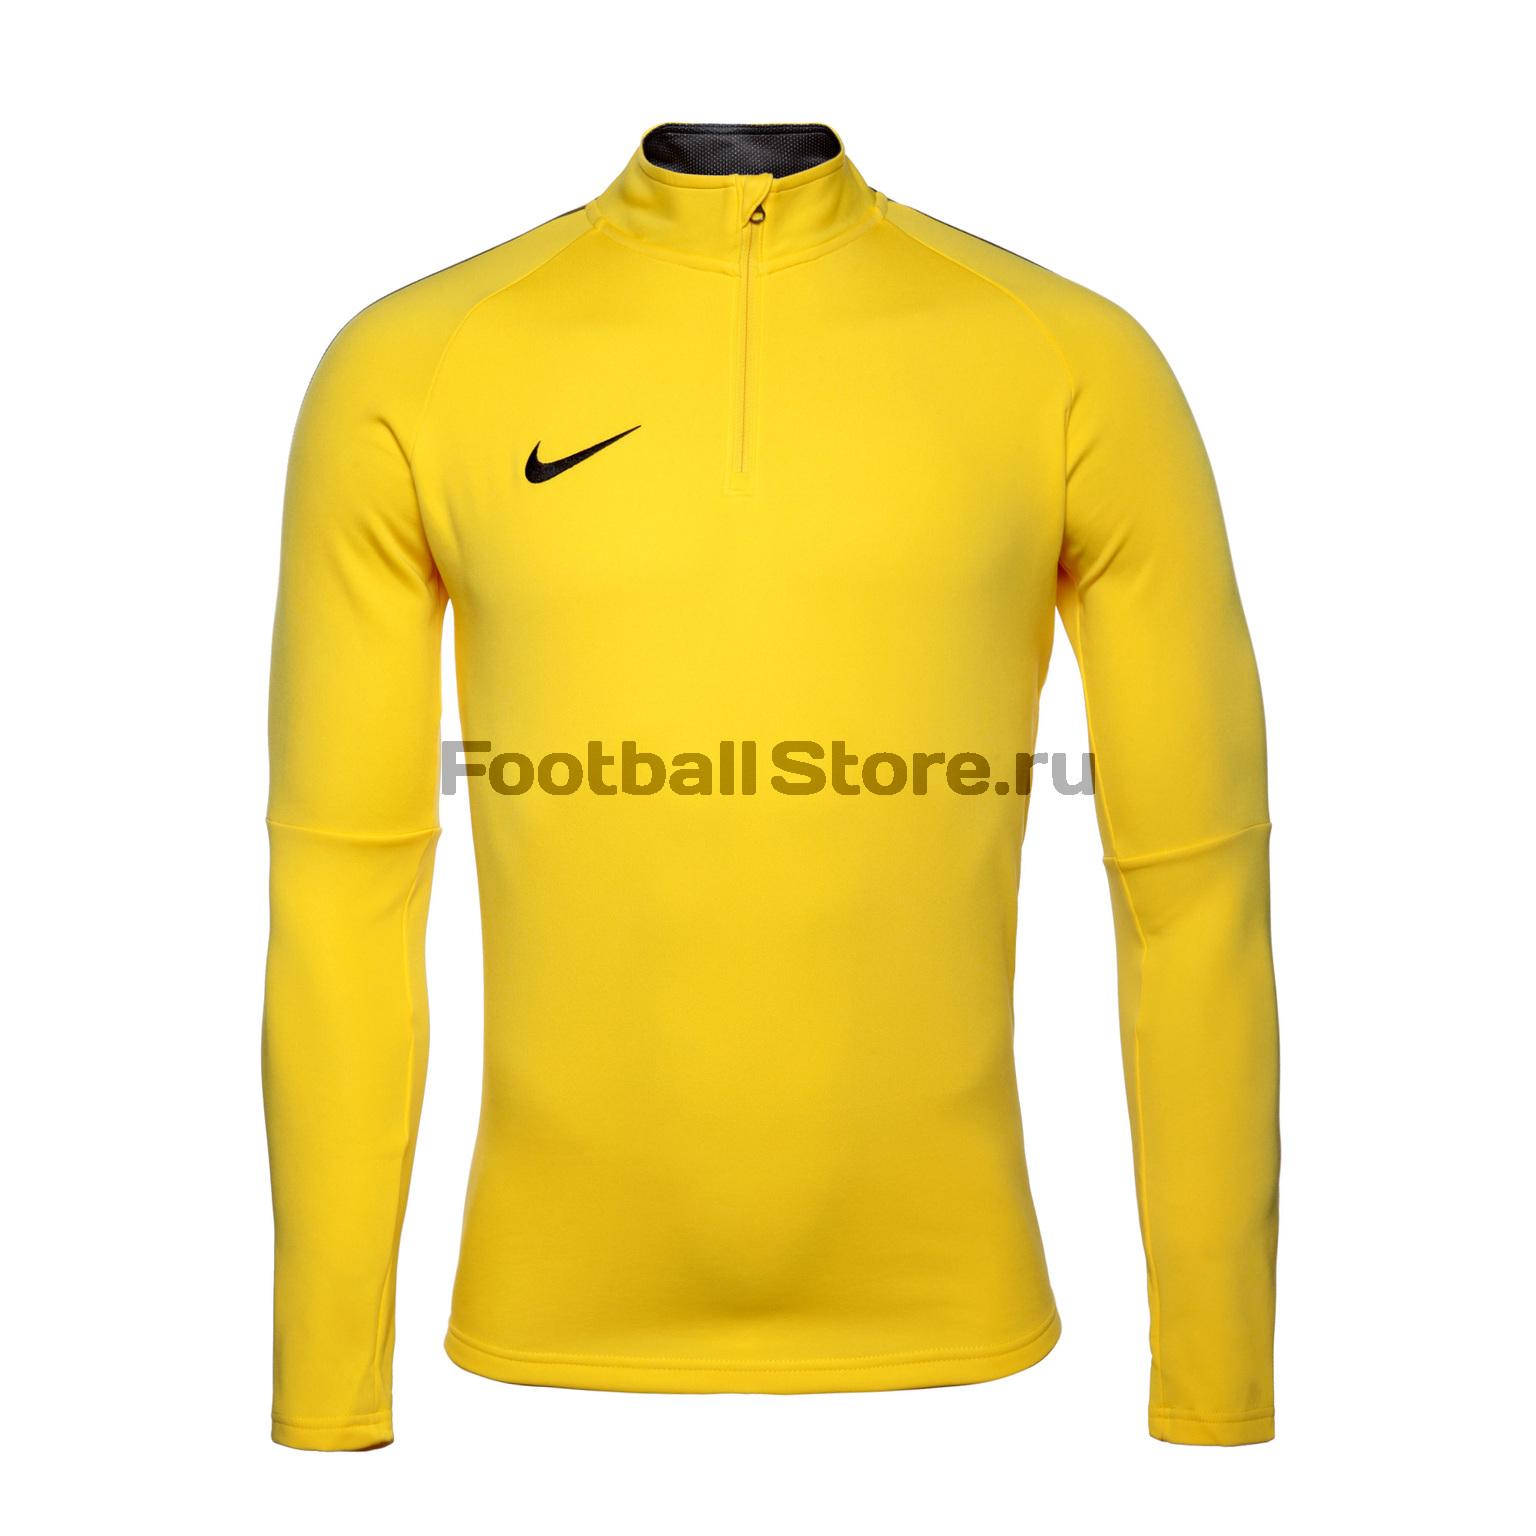 Свитер тренировочный Nike Dry Academy18 Dril Top LS 893624-719 свитер тренировочный nike m nk dry sqd17 dril top ls 831569 010